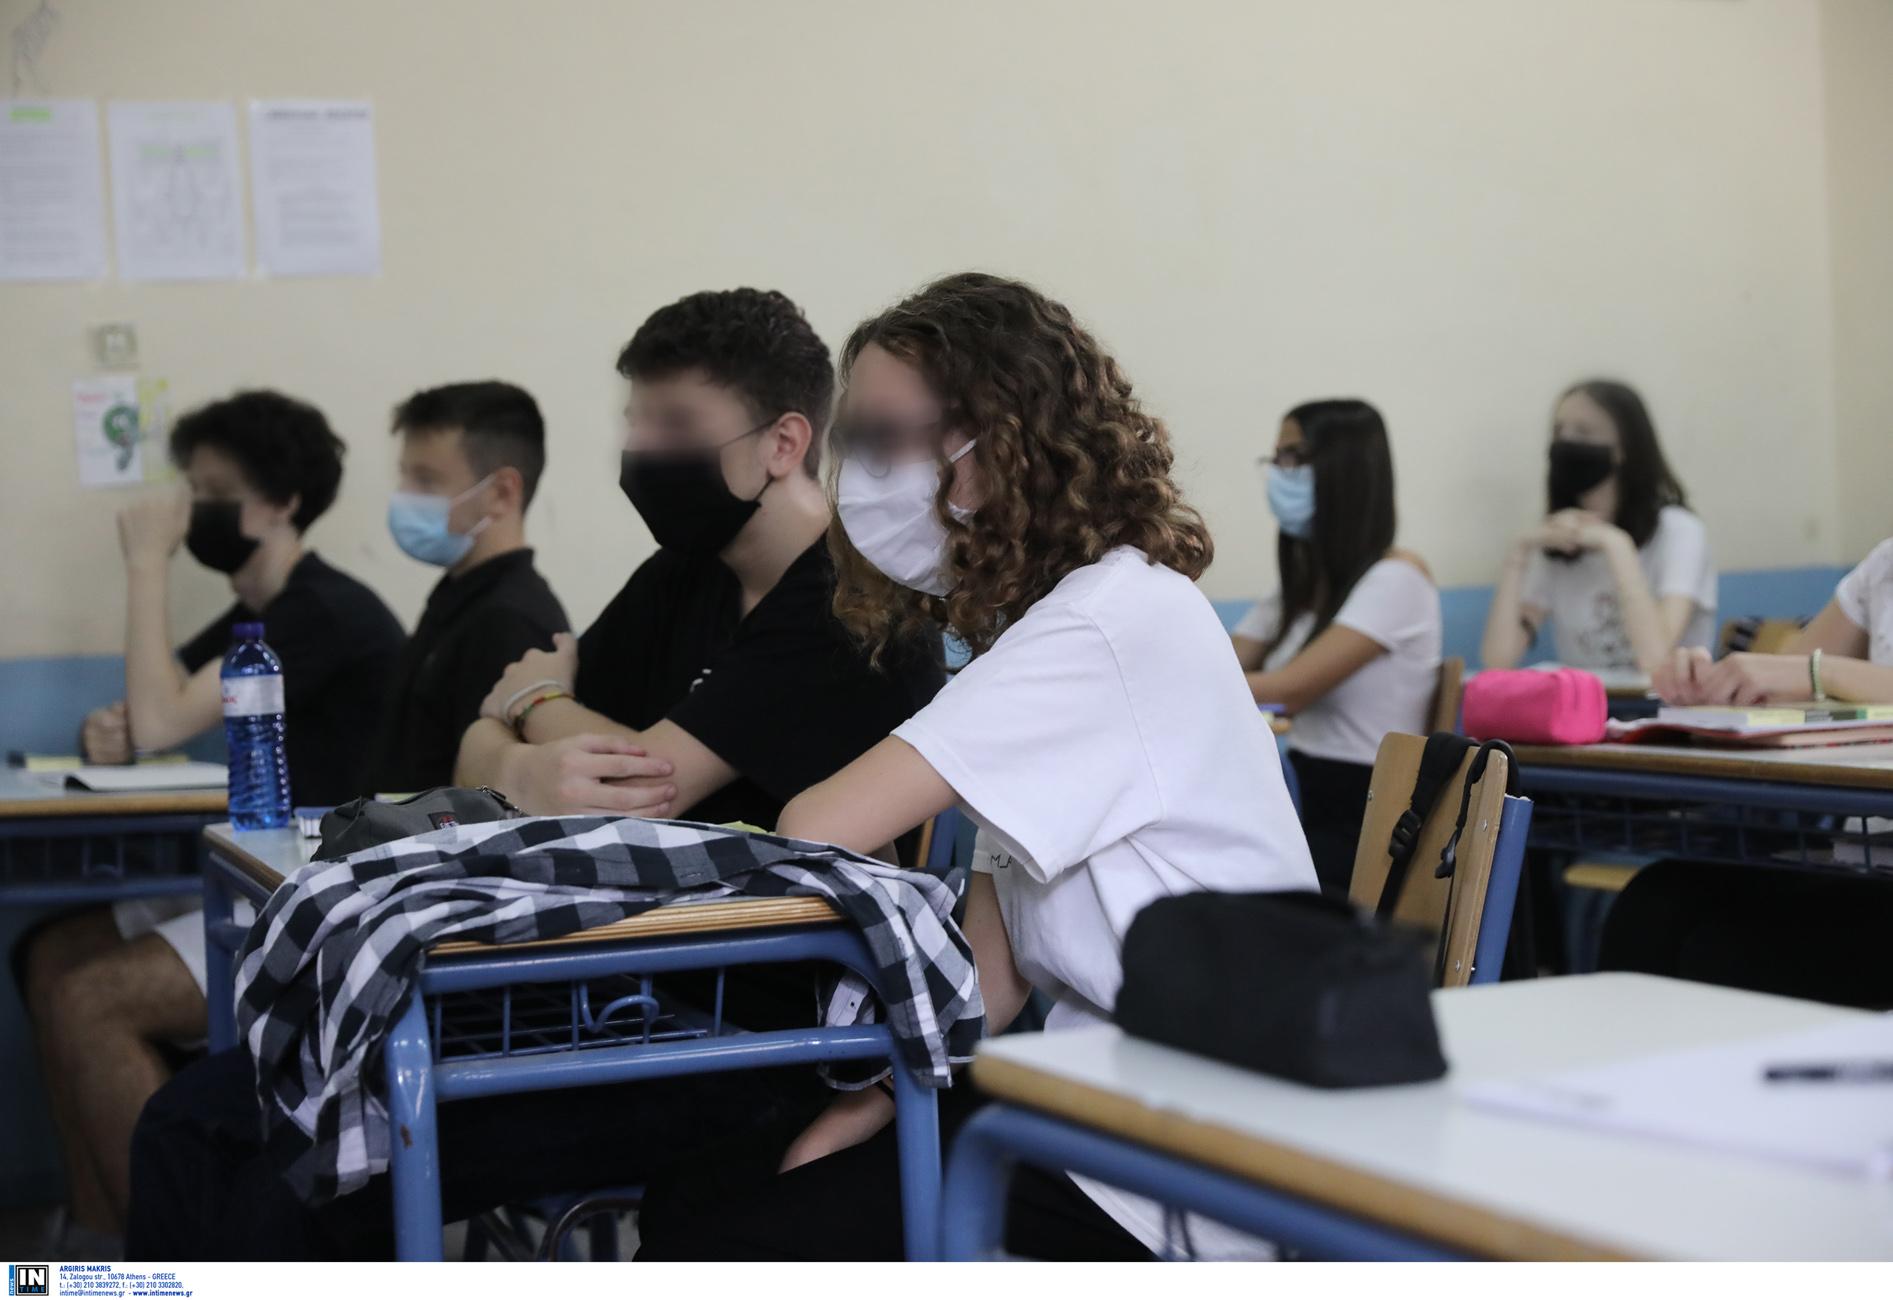 Κλειστά σχολεία και τμήματα στην Κρήτη – Άνοιξαν αλλά… έκλεισαν λόγω κορωνοϊού